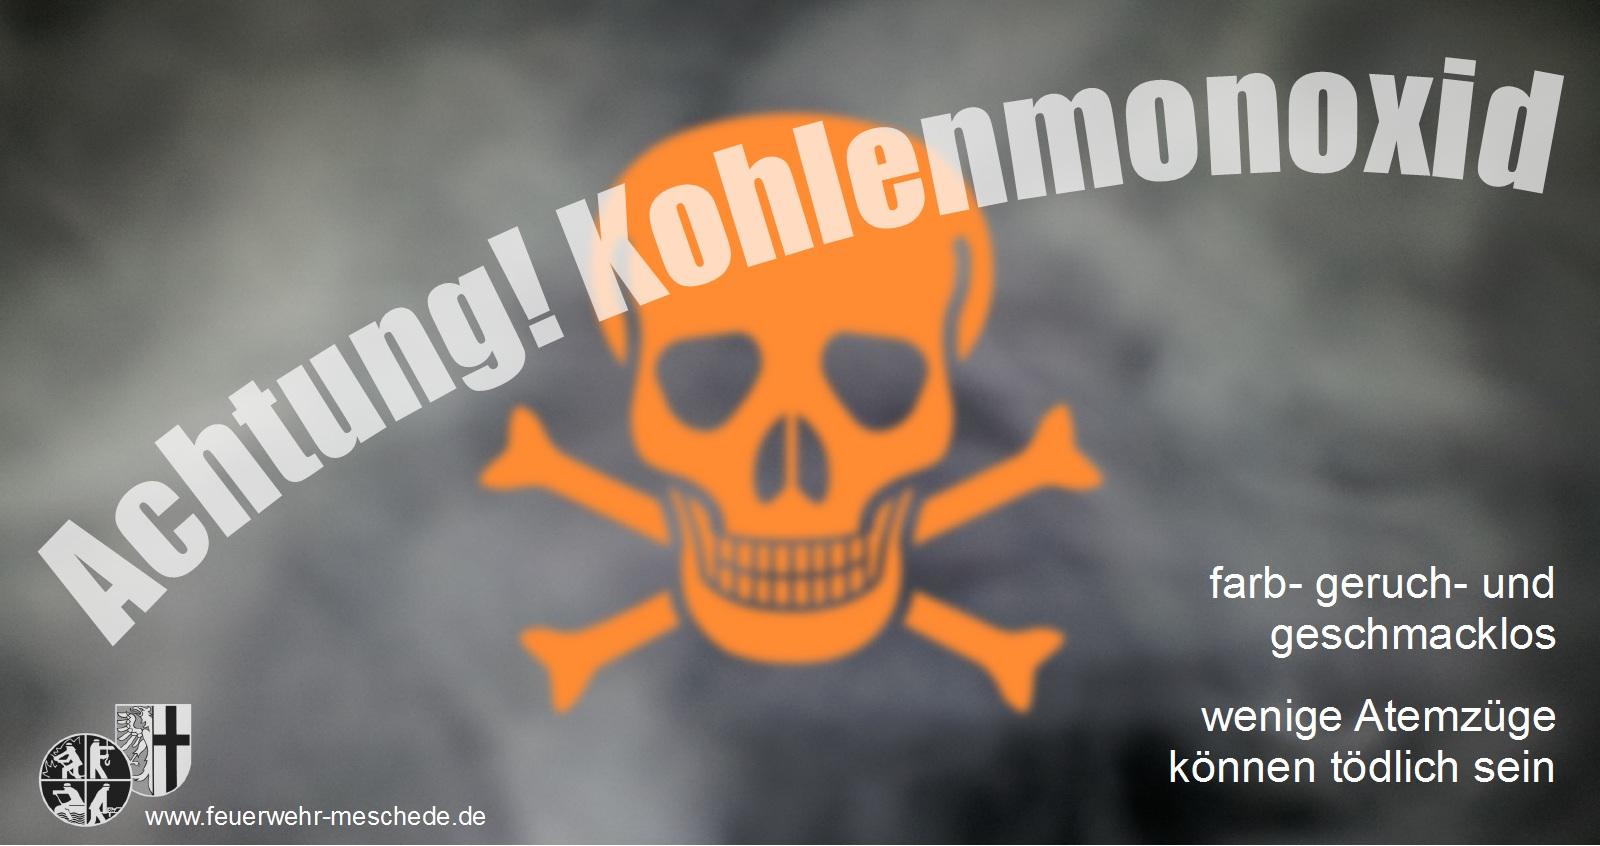 stadt_aktivitaeten_2017/CO_Gefahr.jpg